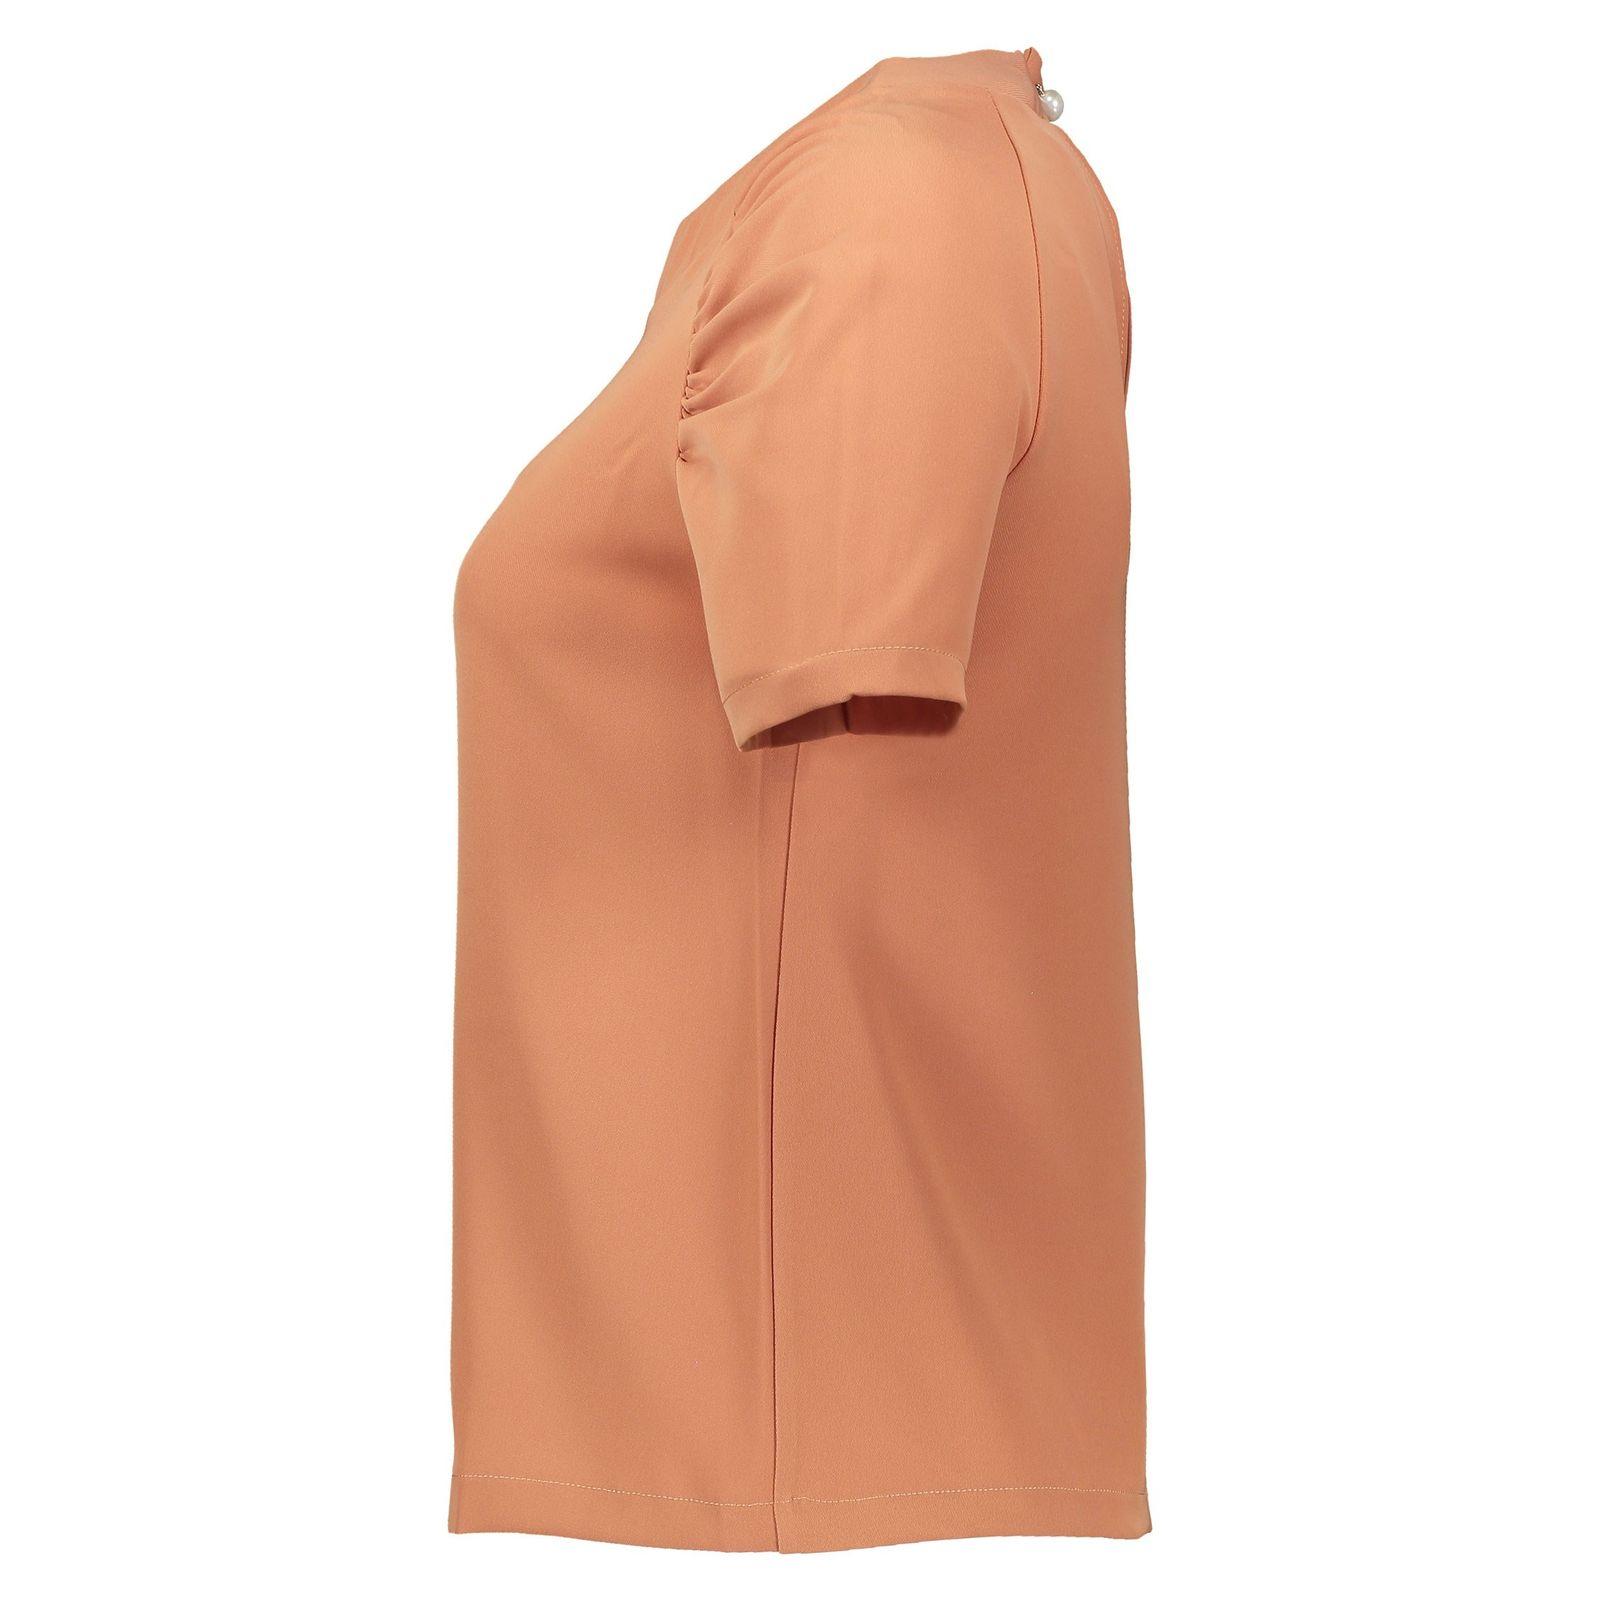 بلوز یقه گرد زنانه - امپریال - نارنجي - 3